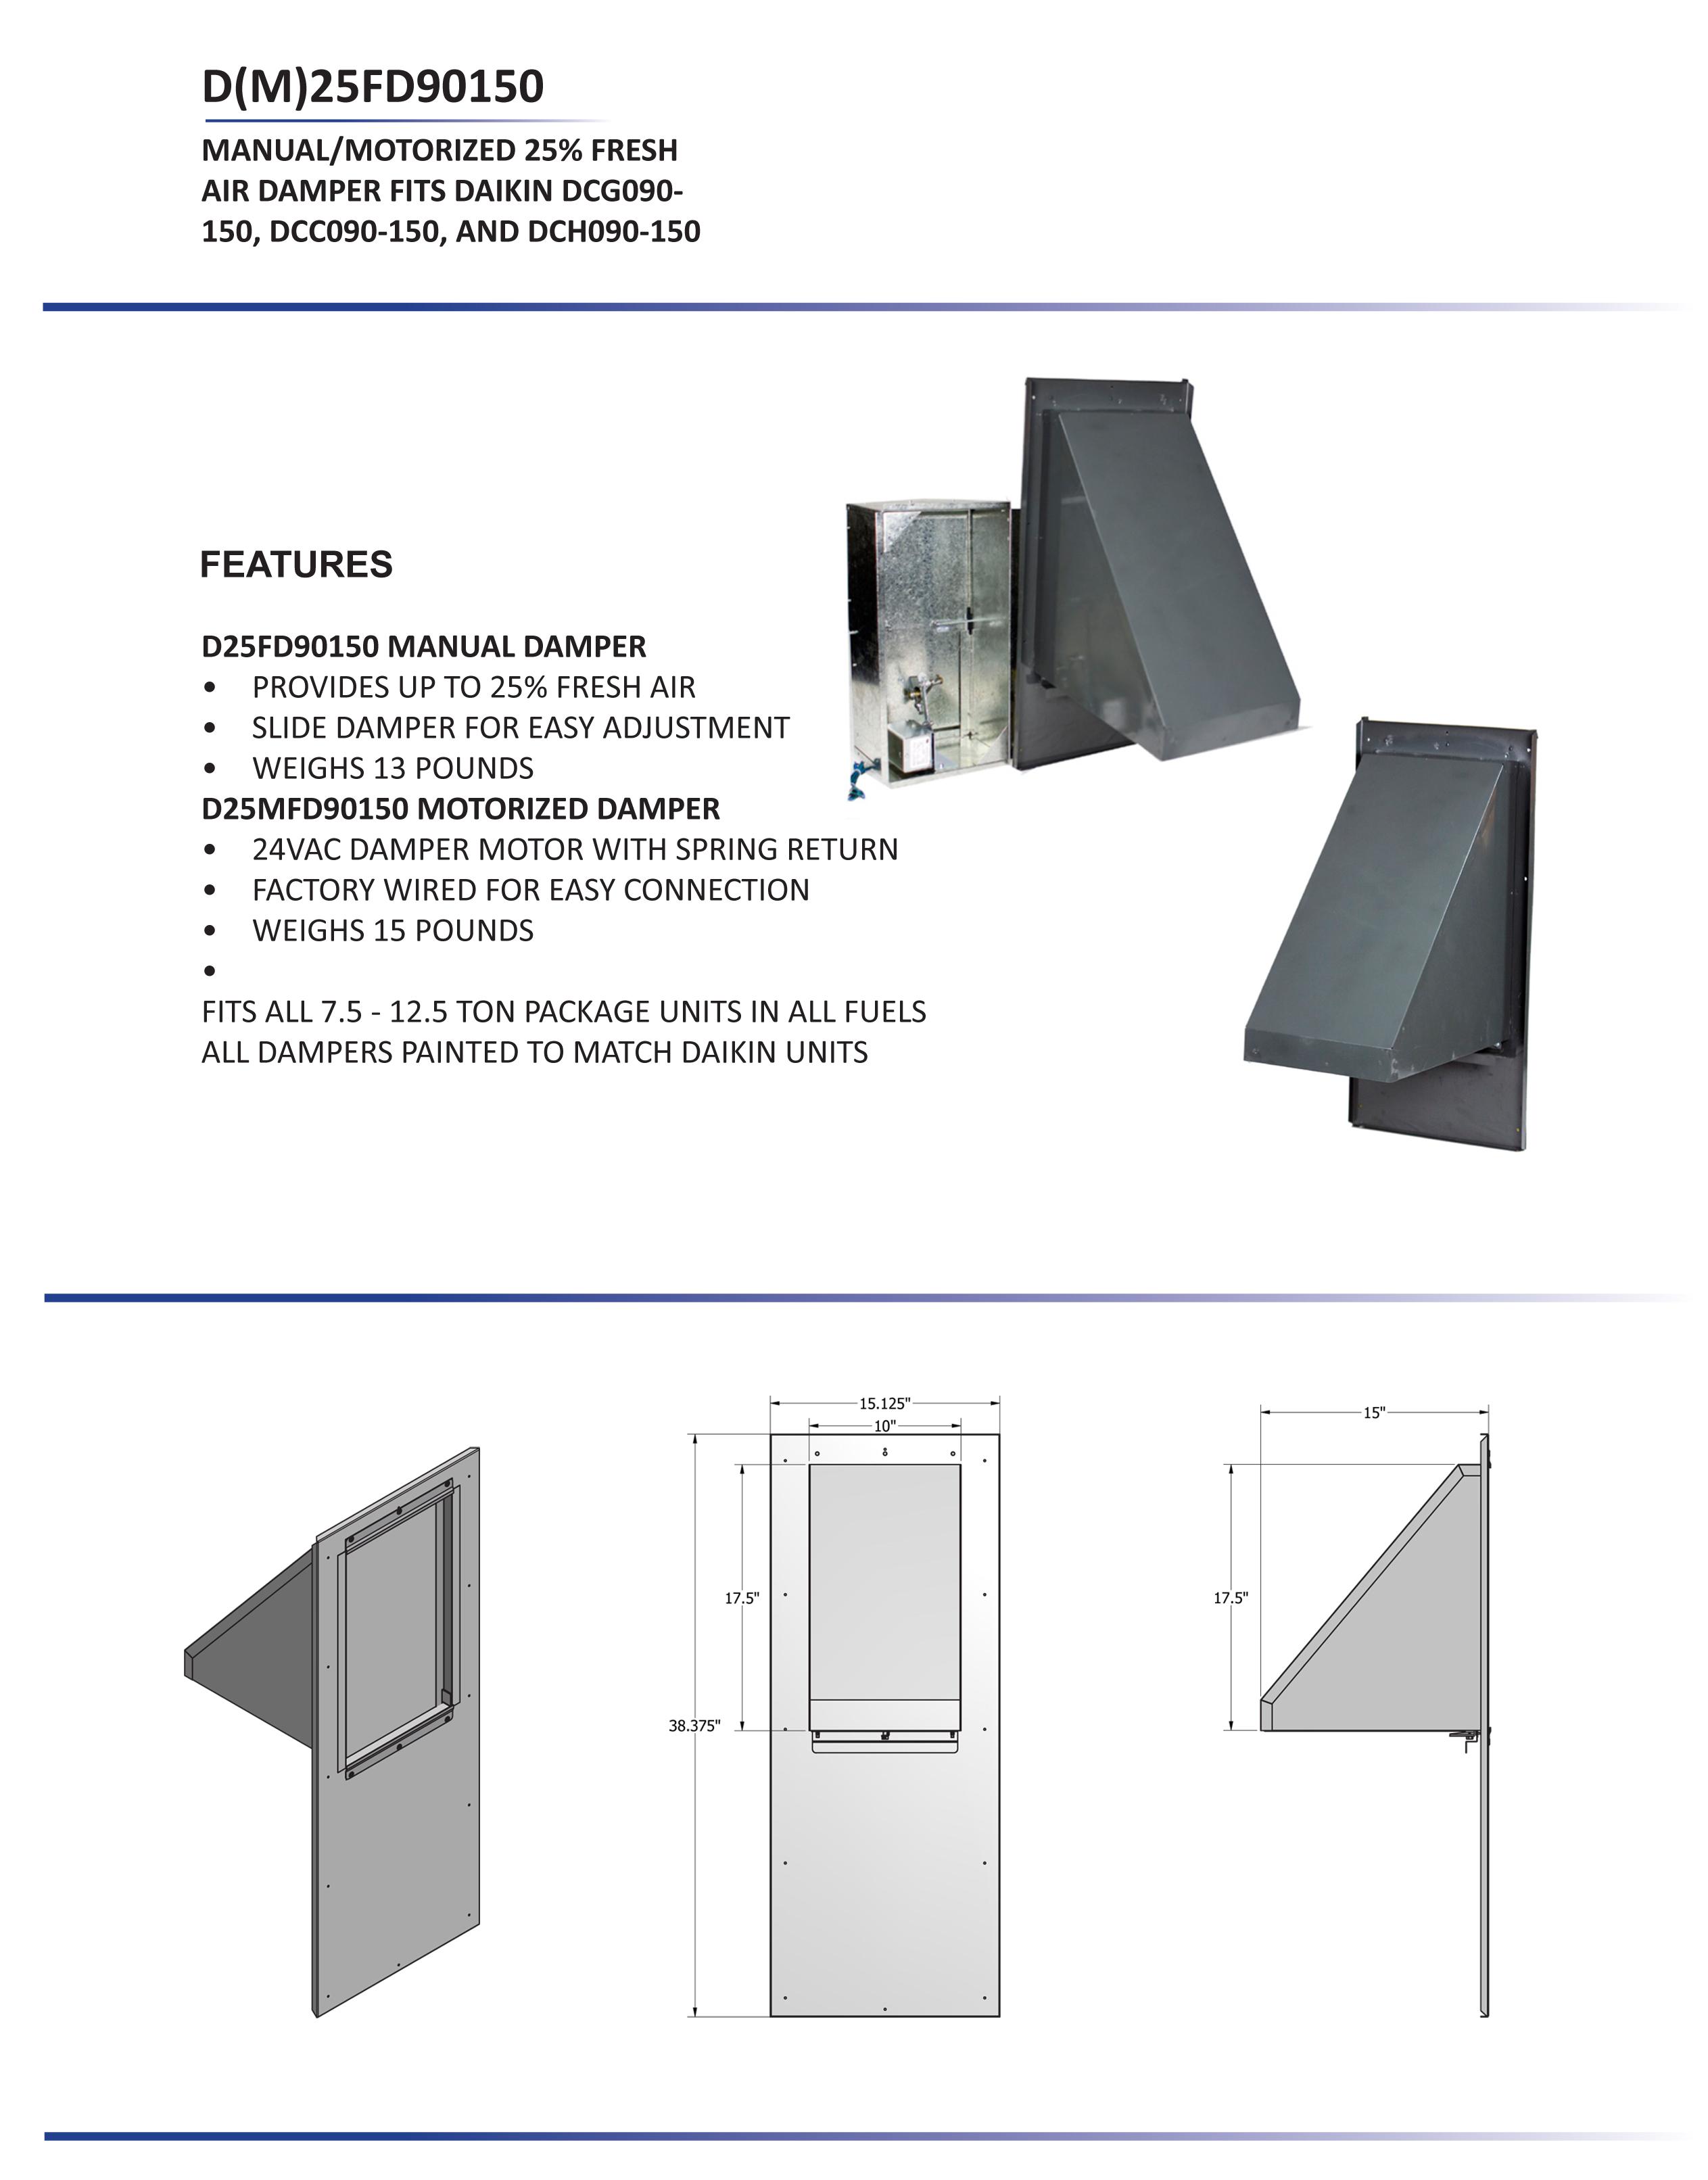 daikin split ac 1 5 ton wiring diagram gibson single pickup 7 12 25 manual fresh air damper dcc dcg